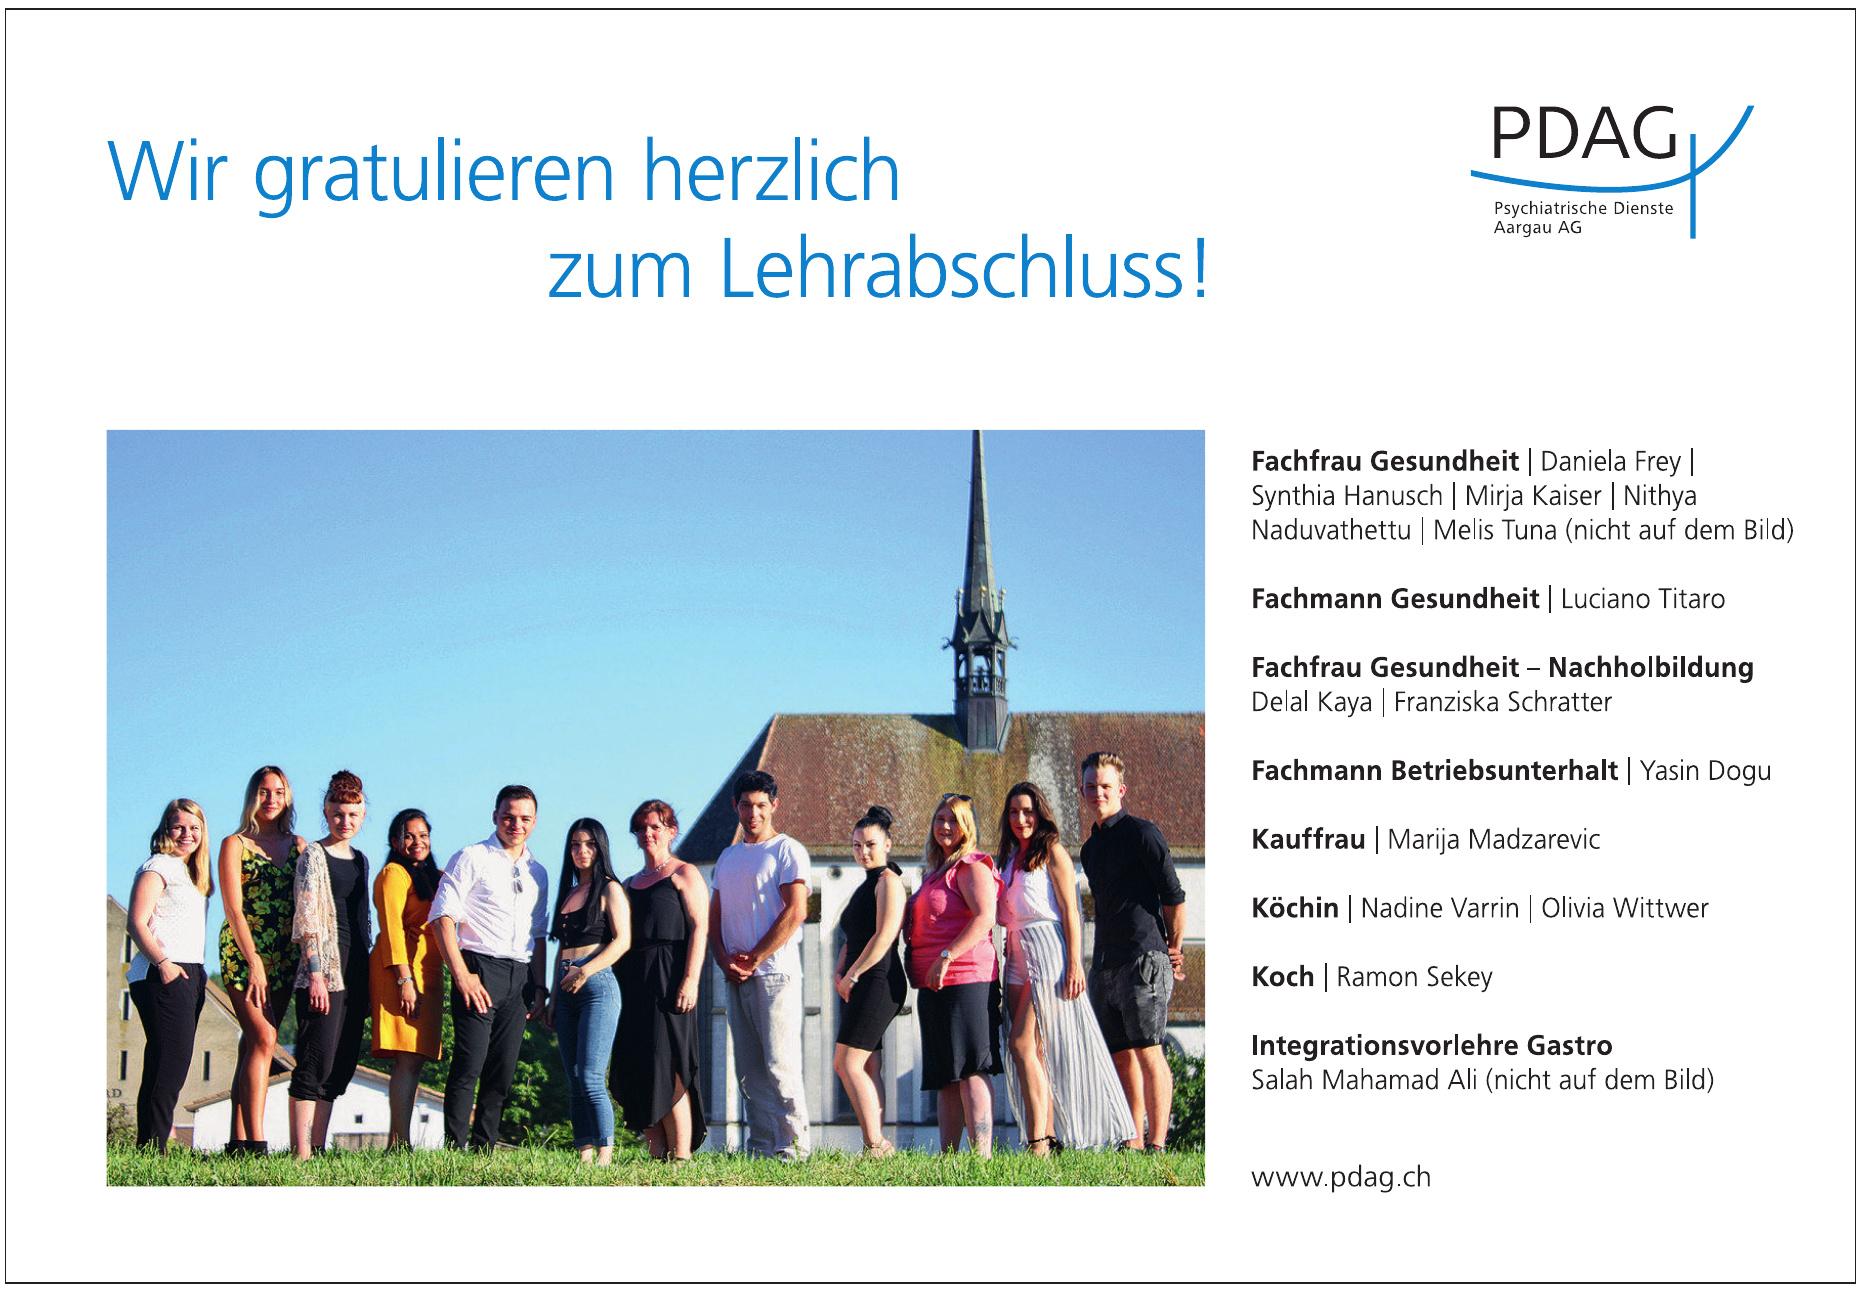 PDAG Psychiatrische Dienste Aargau AG